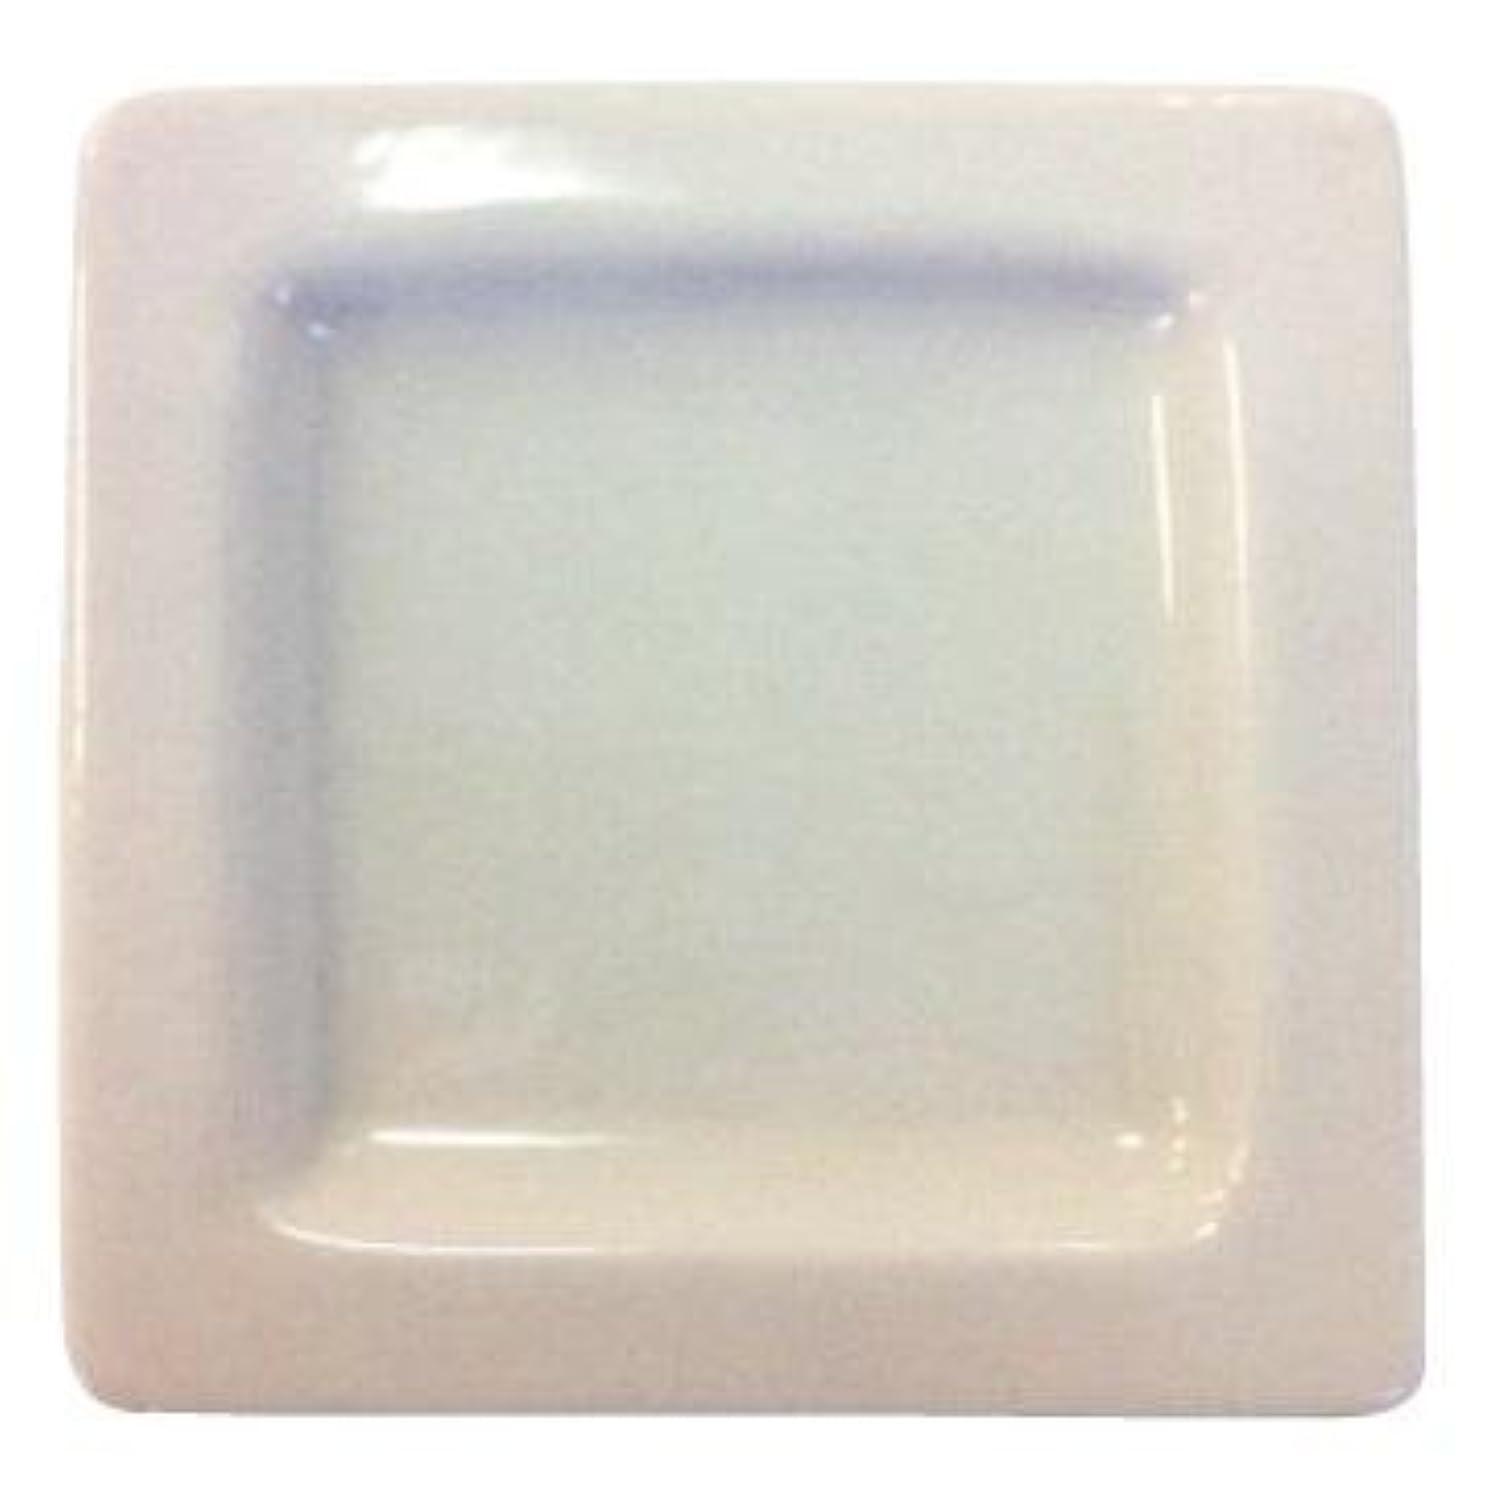 秘書揃える純度生活の木 アロマランプL アイビー用精油皿(上皿)